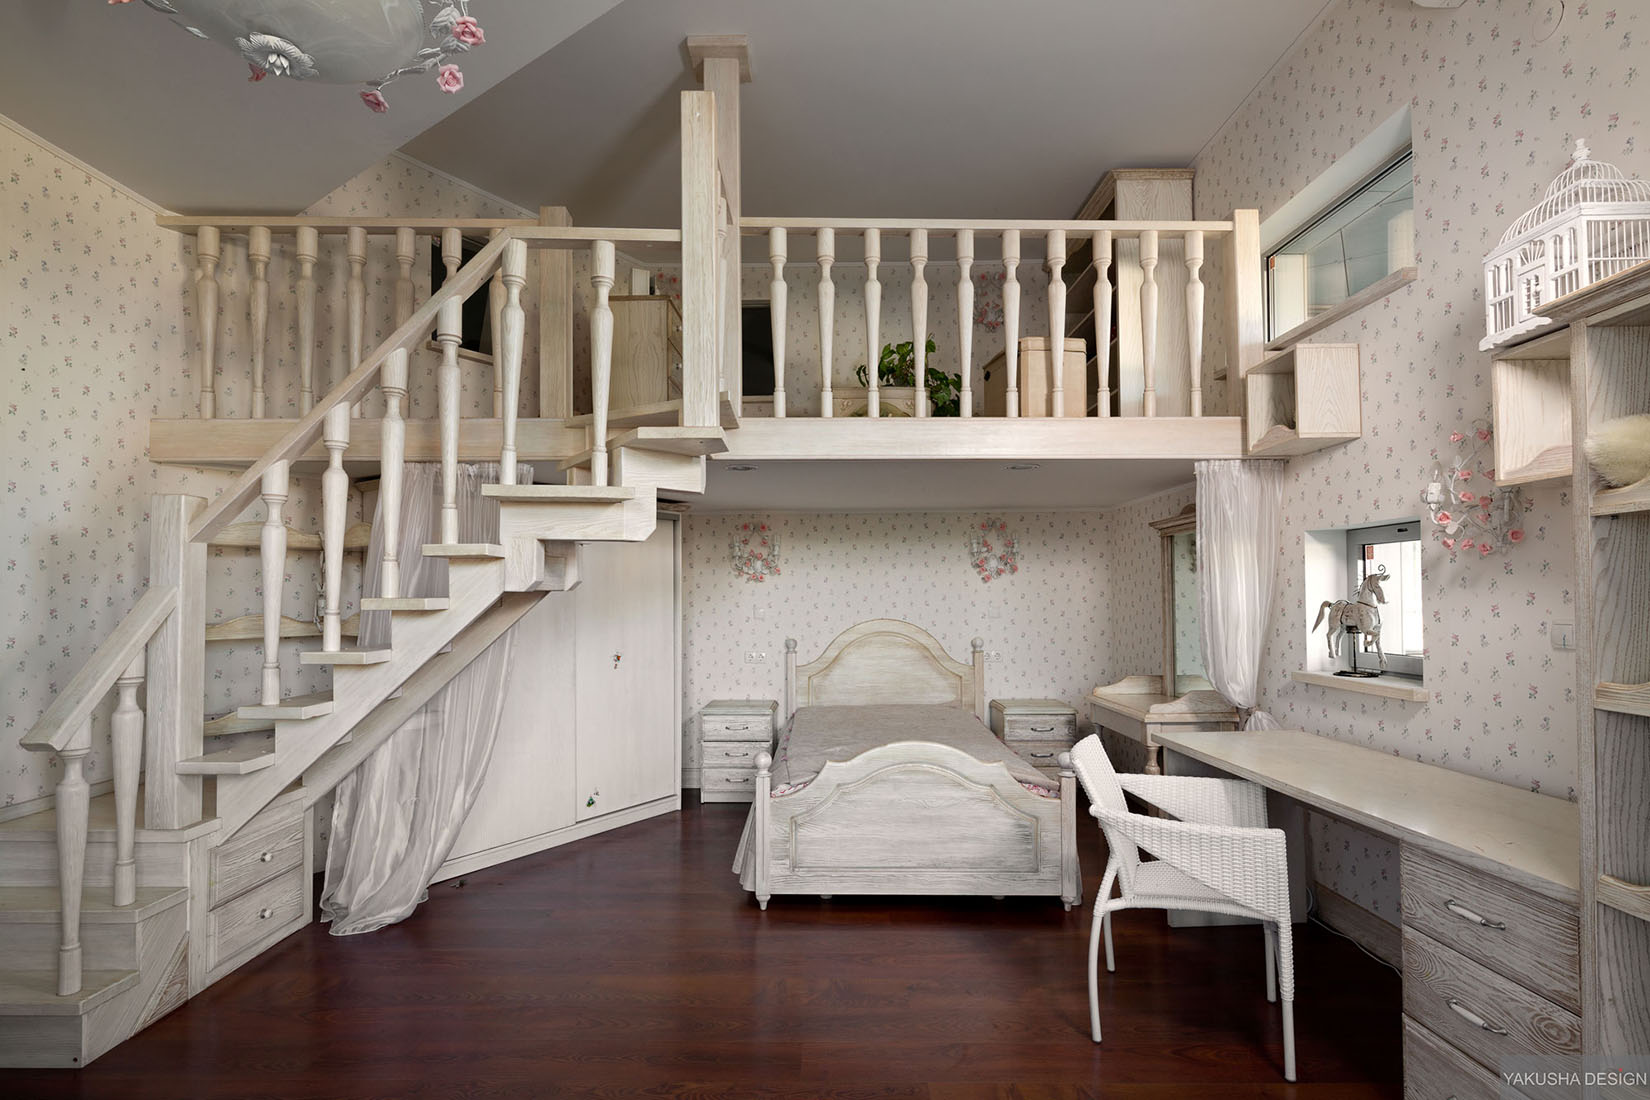 Комнаты отдыха вашей мечты: Фотообзор взрослой, детской спальни и бассейна